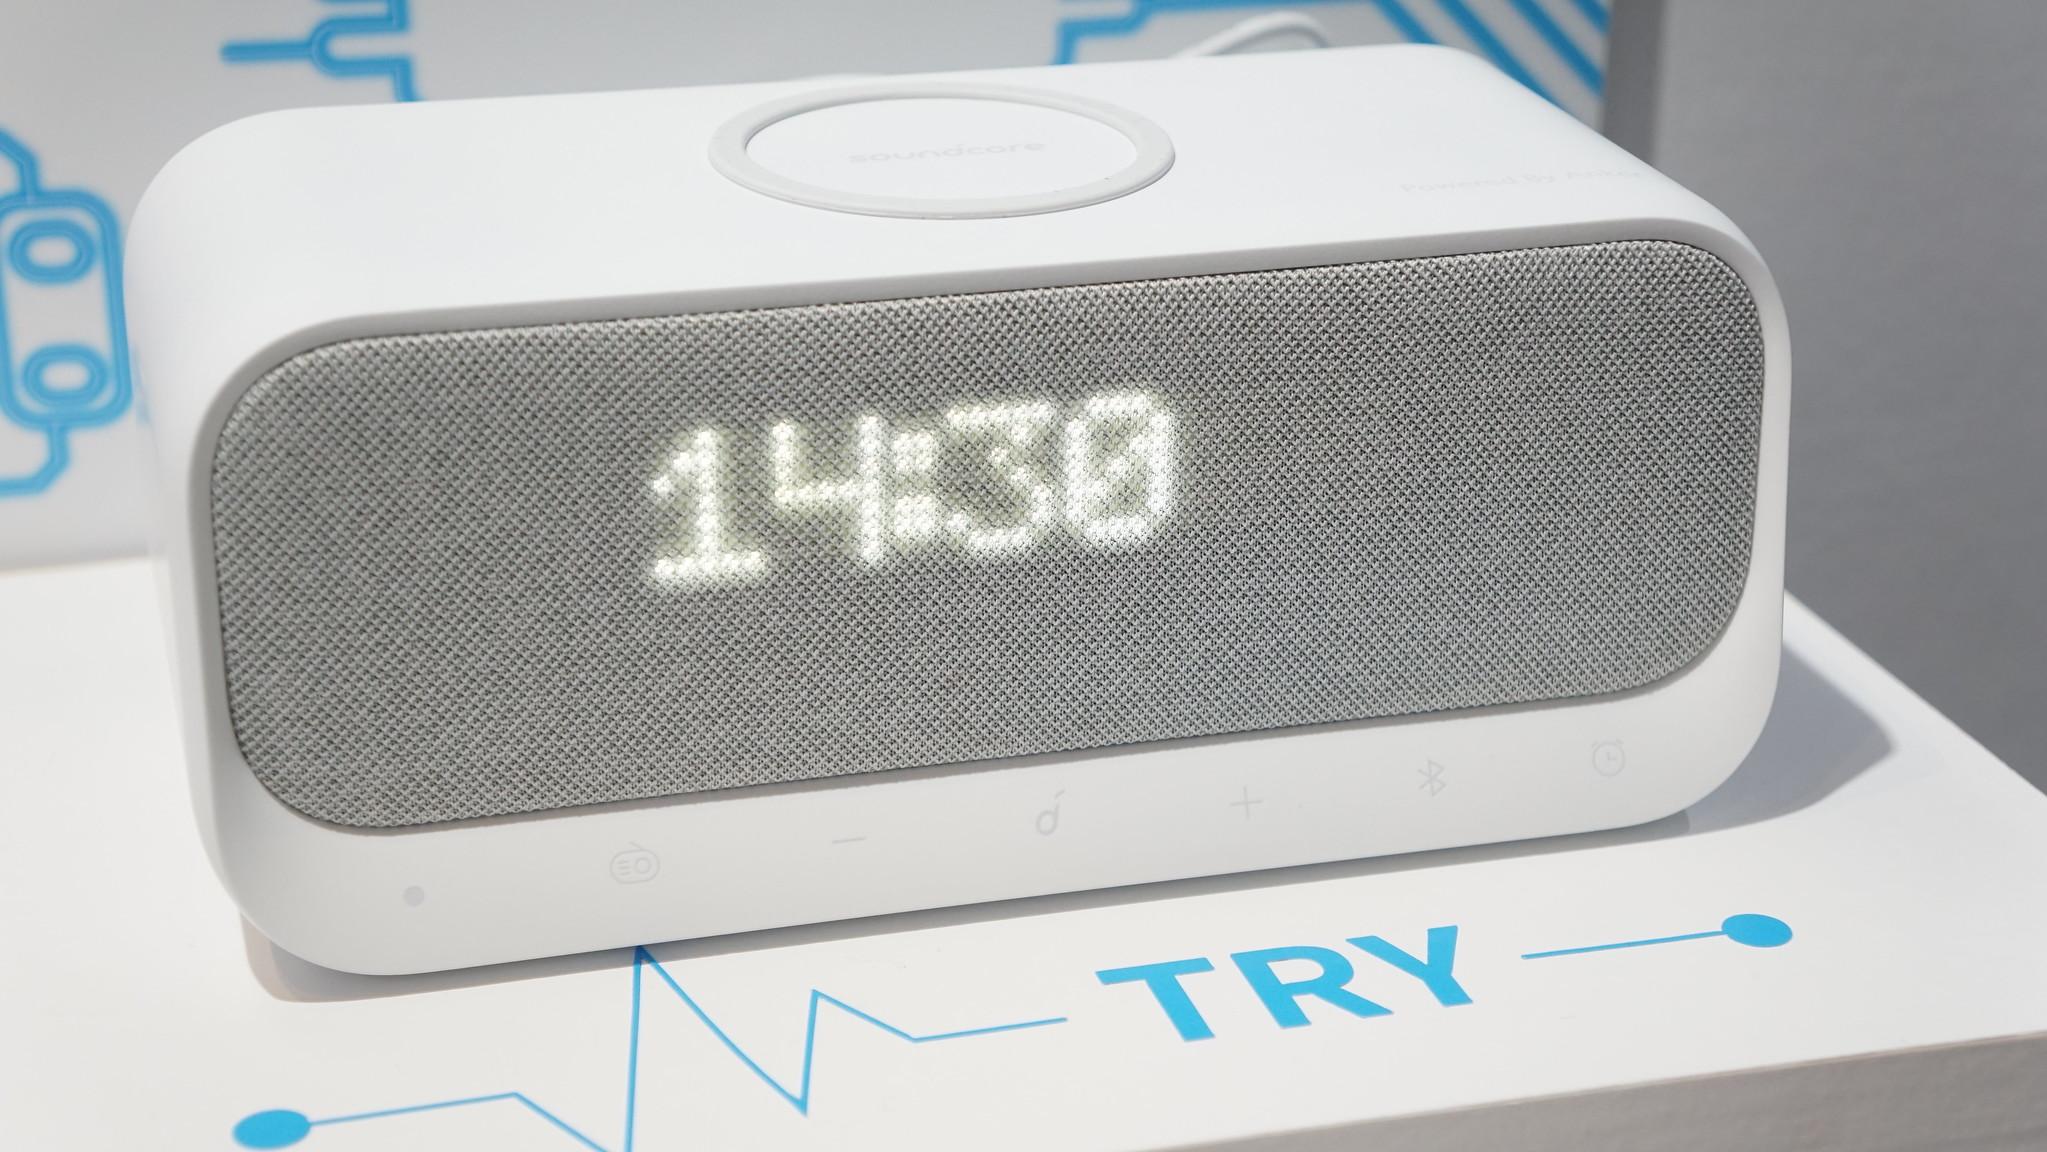 目覚まし・ワイヤレス充電・USBx2の全部入りスピーカー「Wakey」が今夏発売